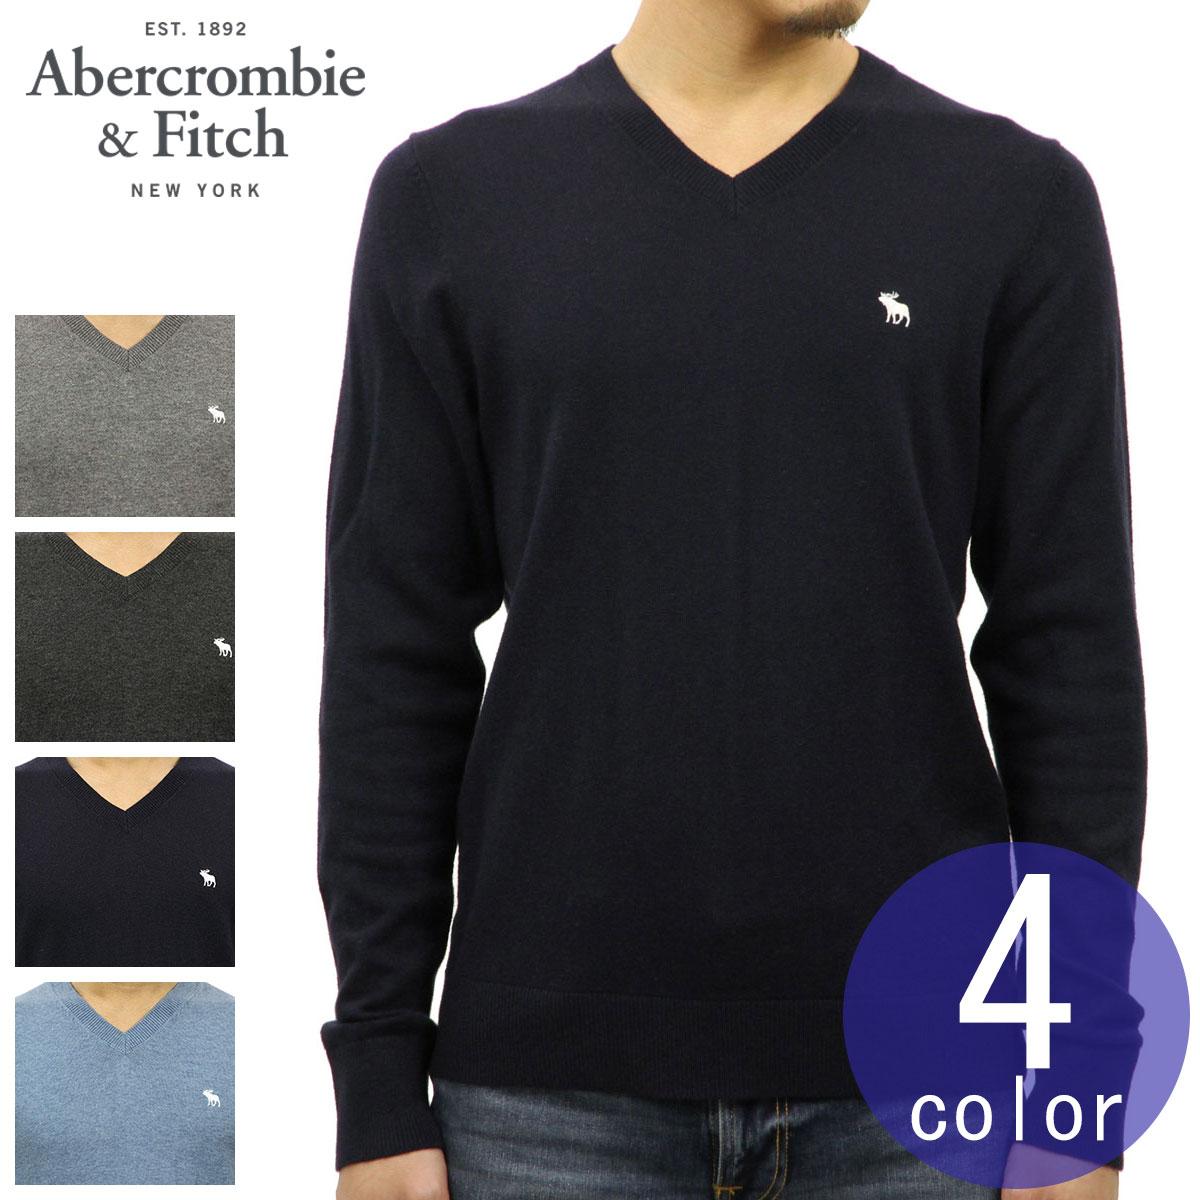 アバクロ Abercrombie&Fitch 正規品 メンズ ウール混 Vネックセーター ワンポイントロゴ刺繍 ICON V-NECK SWEATER